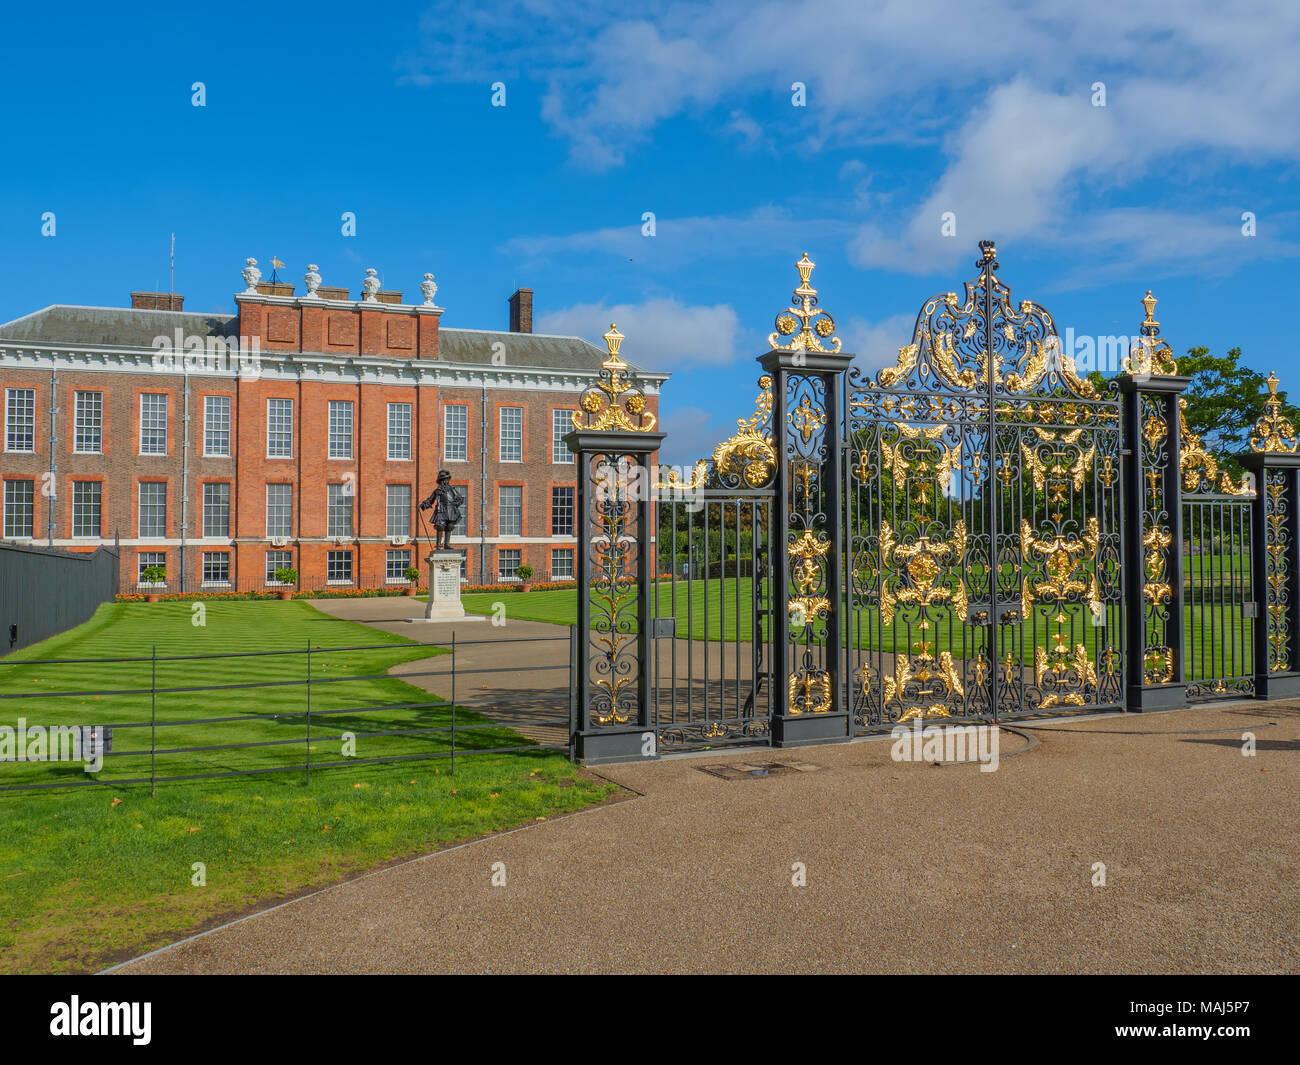 Blick auf Kensington Palace, eine königliche Residenz im Park Kensington Gardens mit einer Statue von König William III. in London an einem sonnigen Tag. Stockbild